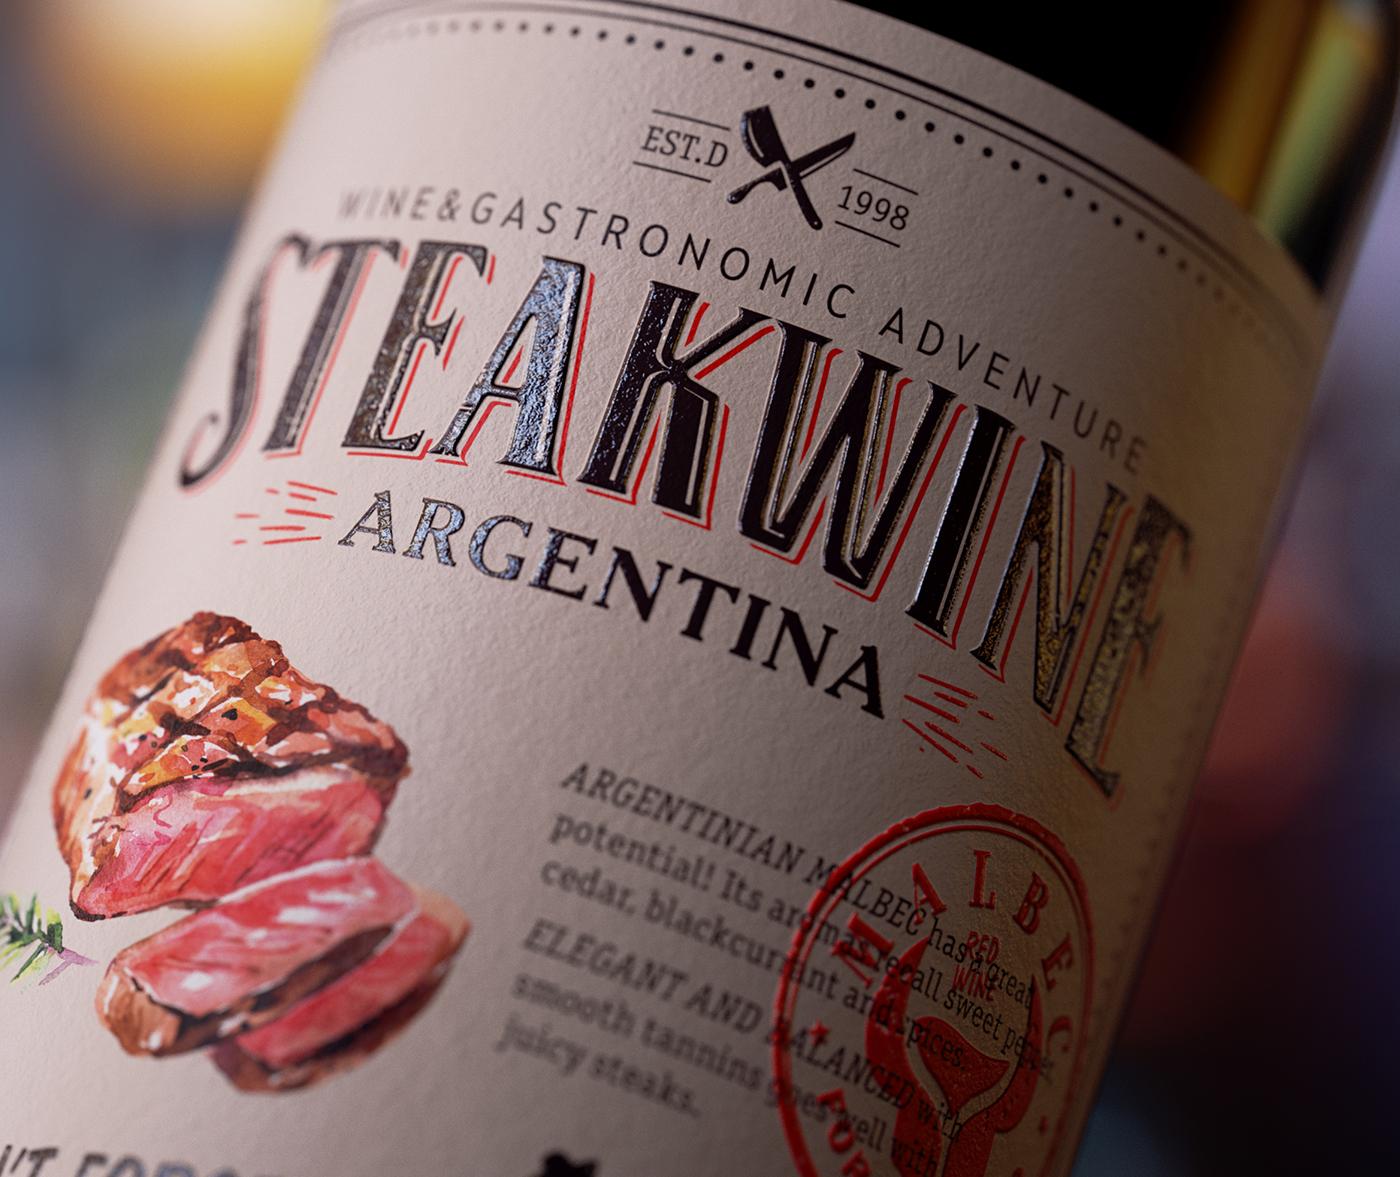 steakwine3